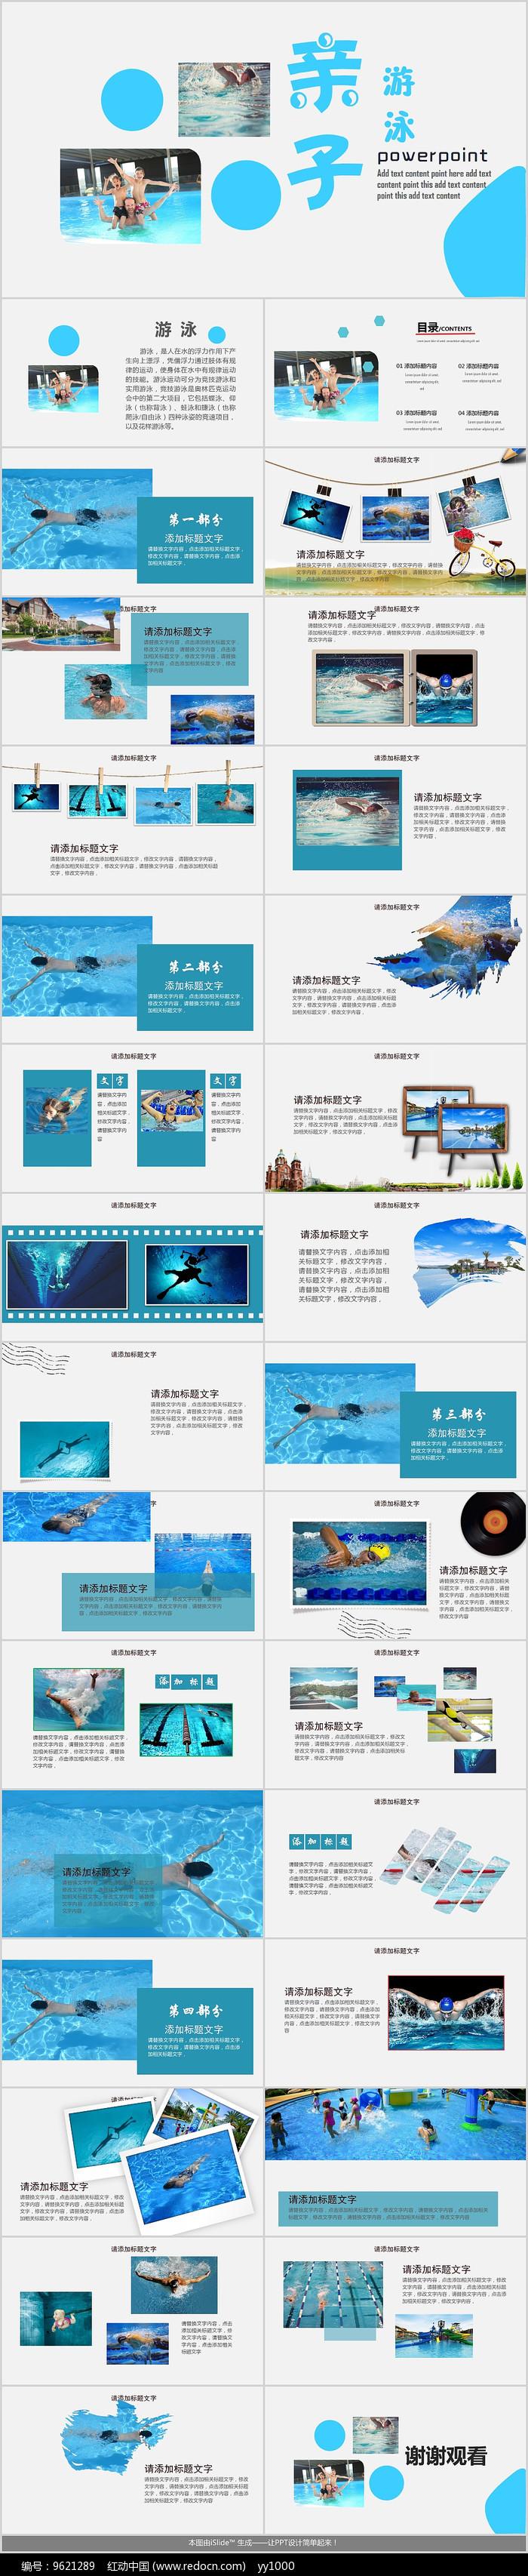 俱乐部游泳运动PPT模板图片